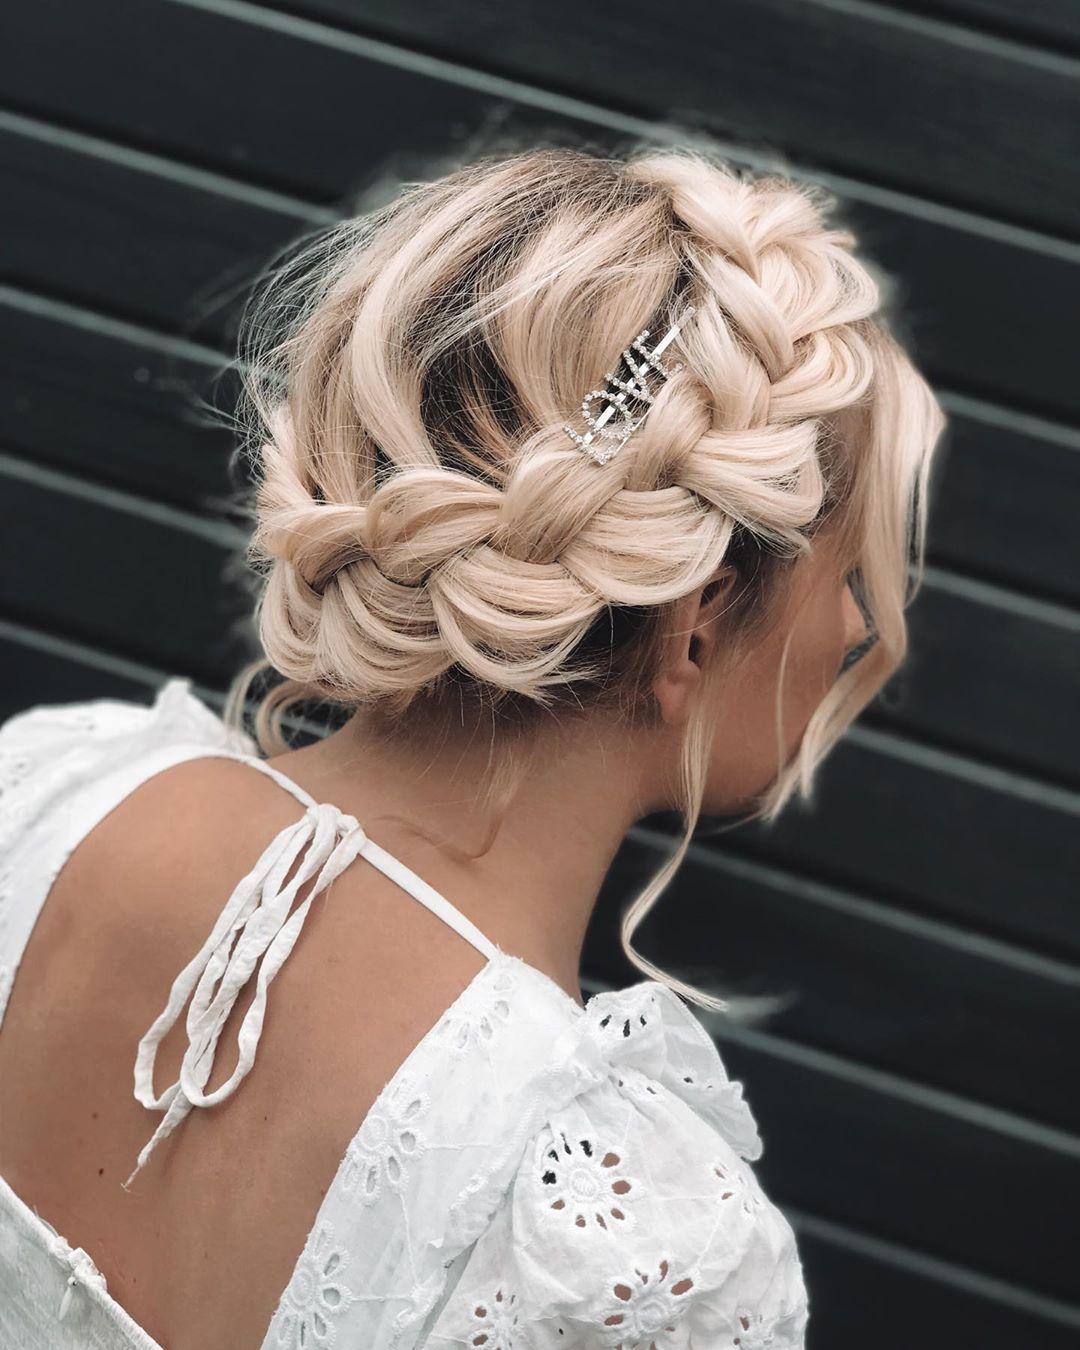 Femme blonde à la couronne tressée, coiffée d'une barrette avec le slogan LOVE